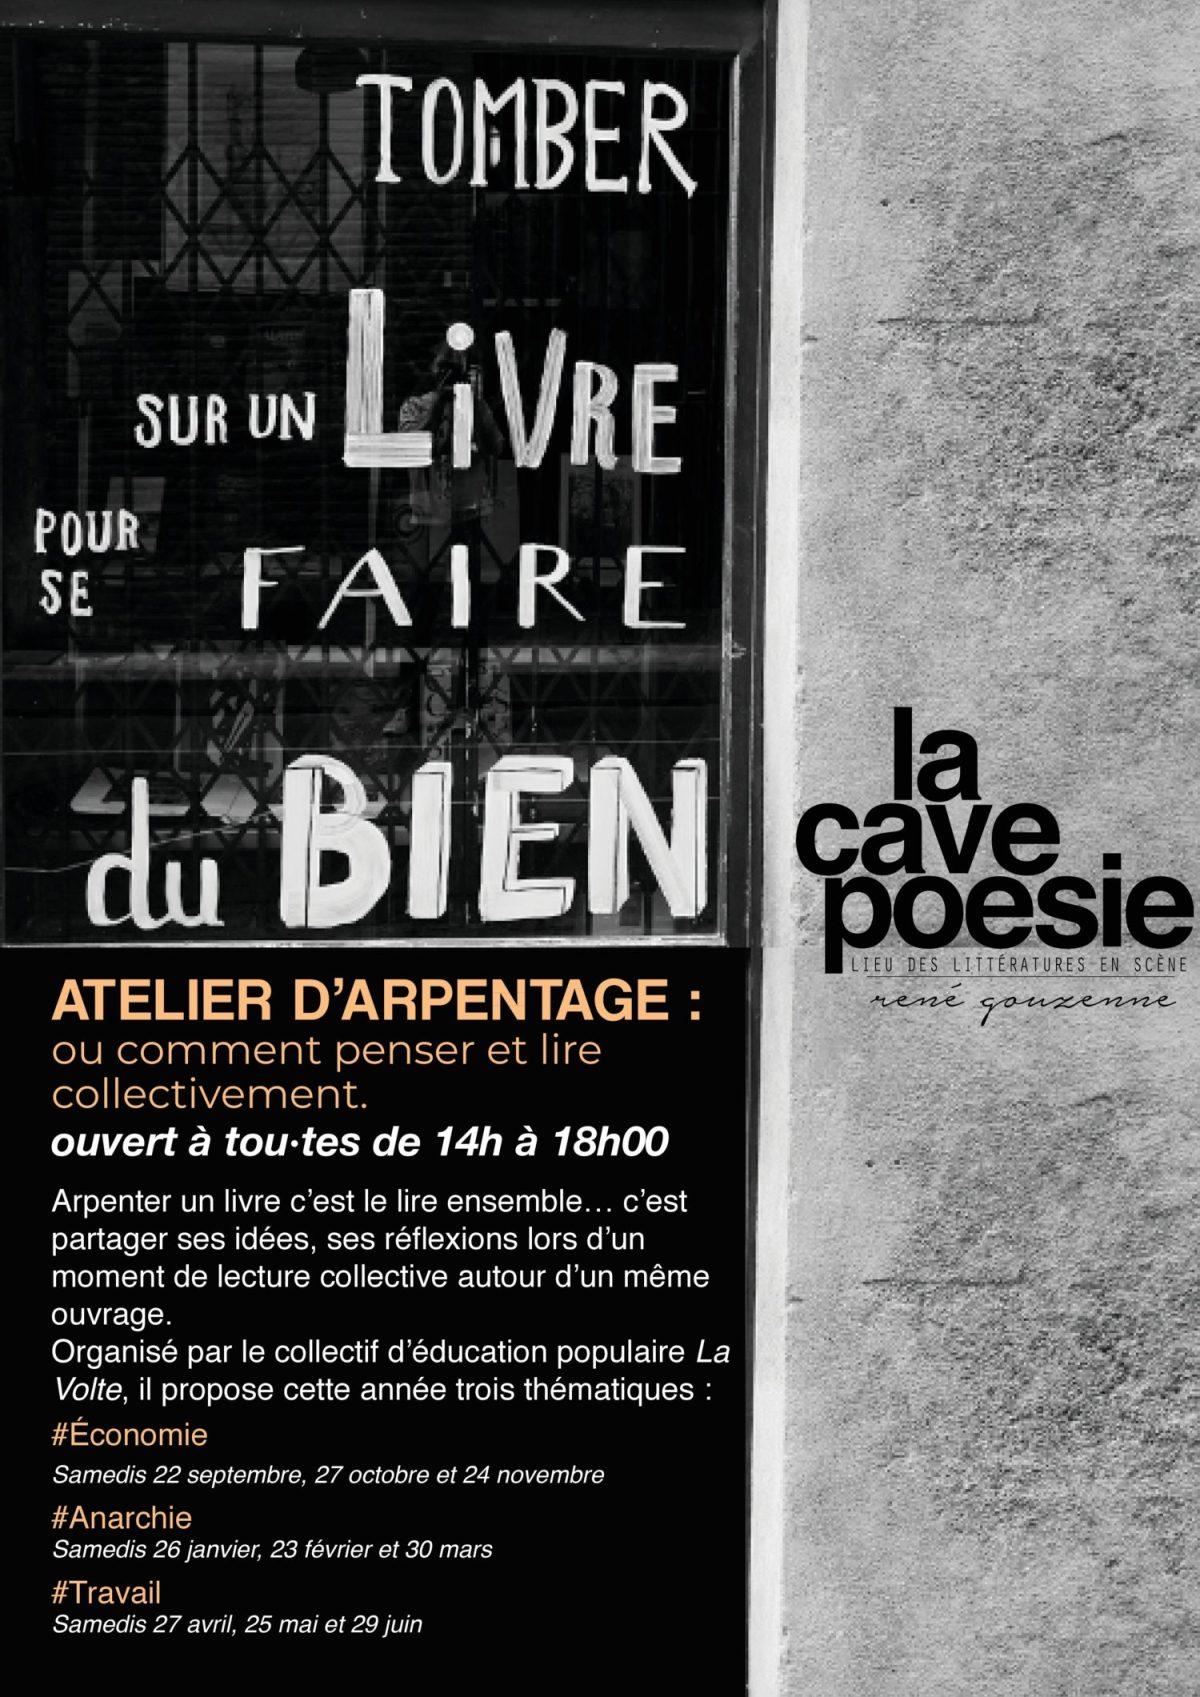 Les Ateliers d'Arpentage à la Cave Po' : saison 3 !